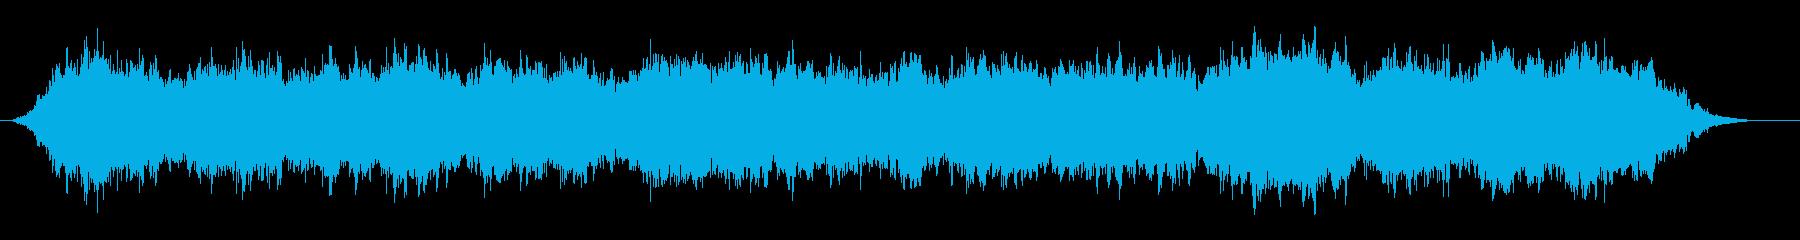 シネマミュージッックの雰囲気のBGMの再生済みの波形